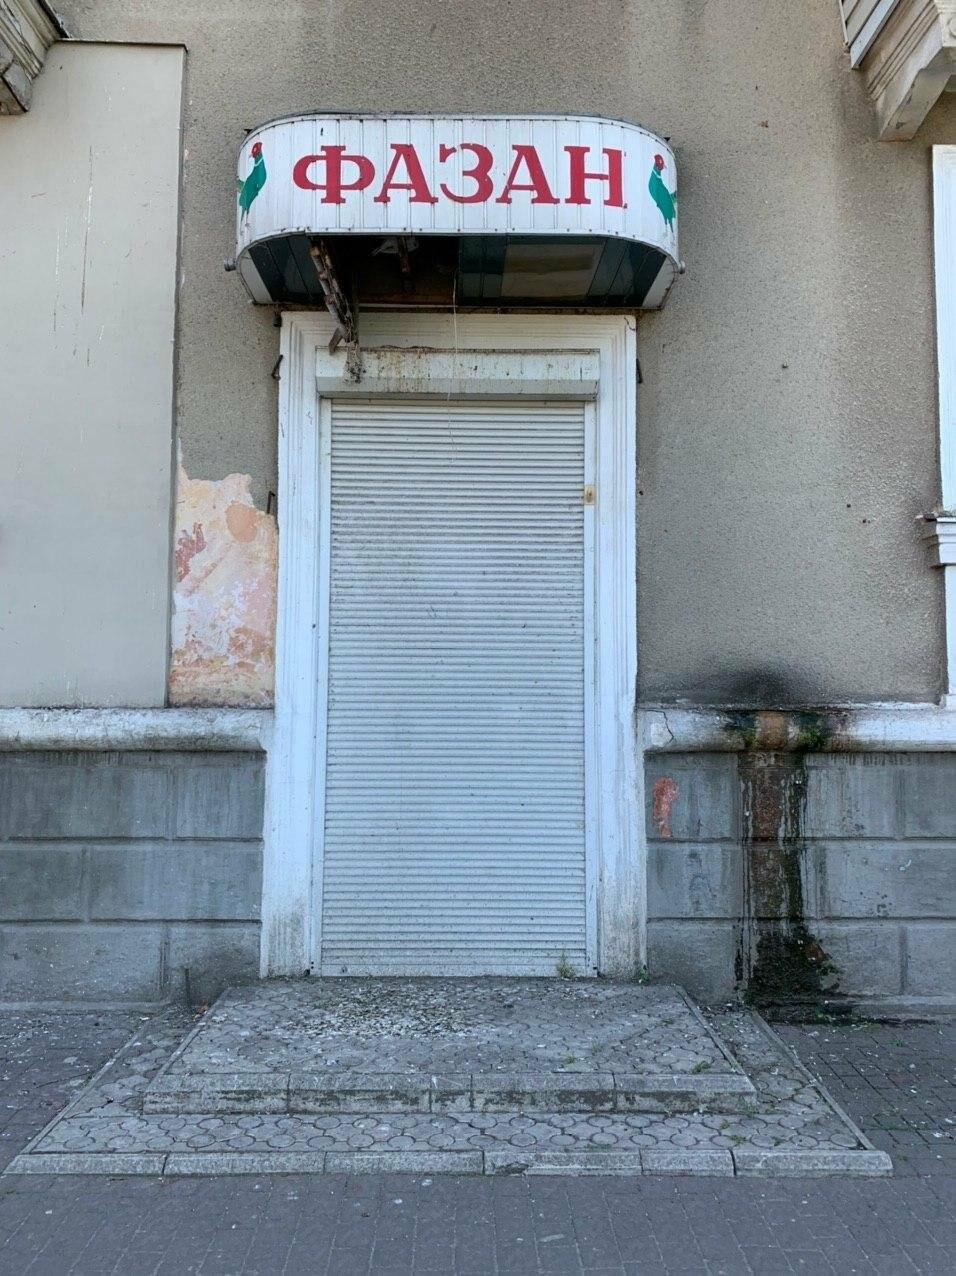 Обрушивающийся фриз магазина в центре города пугает бердянцев, фото-2